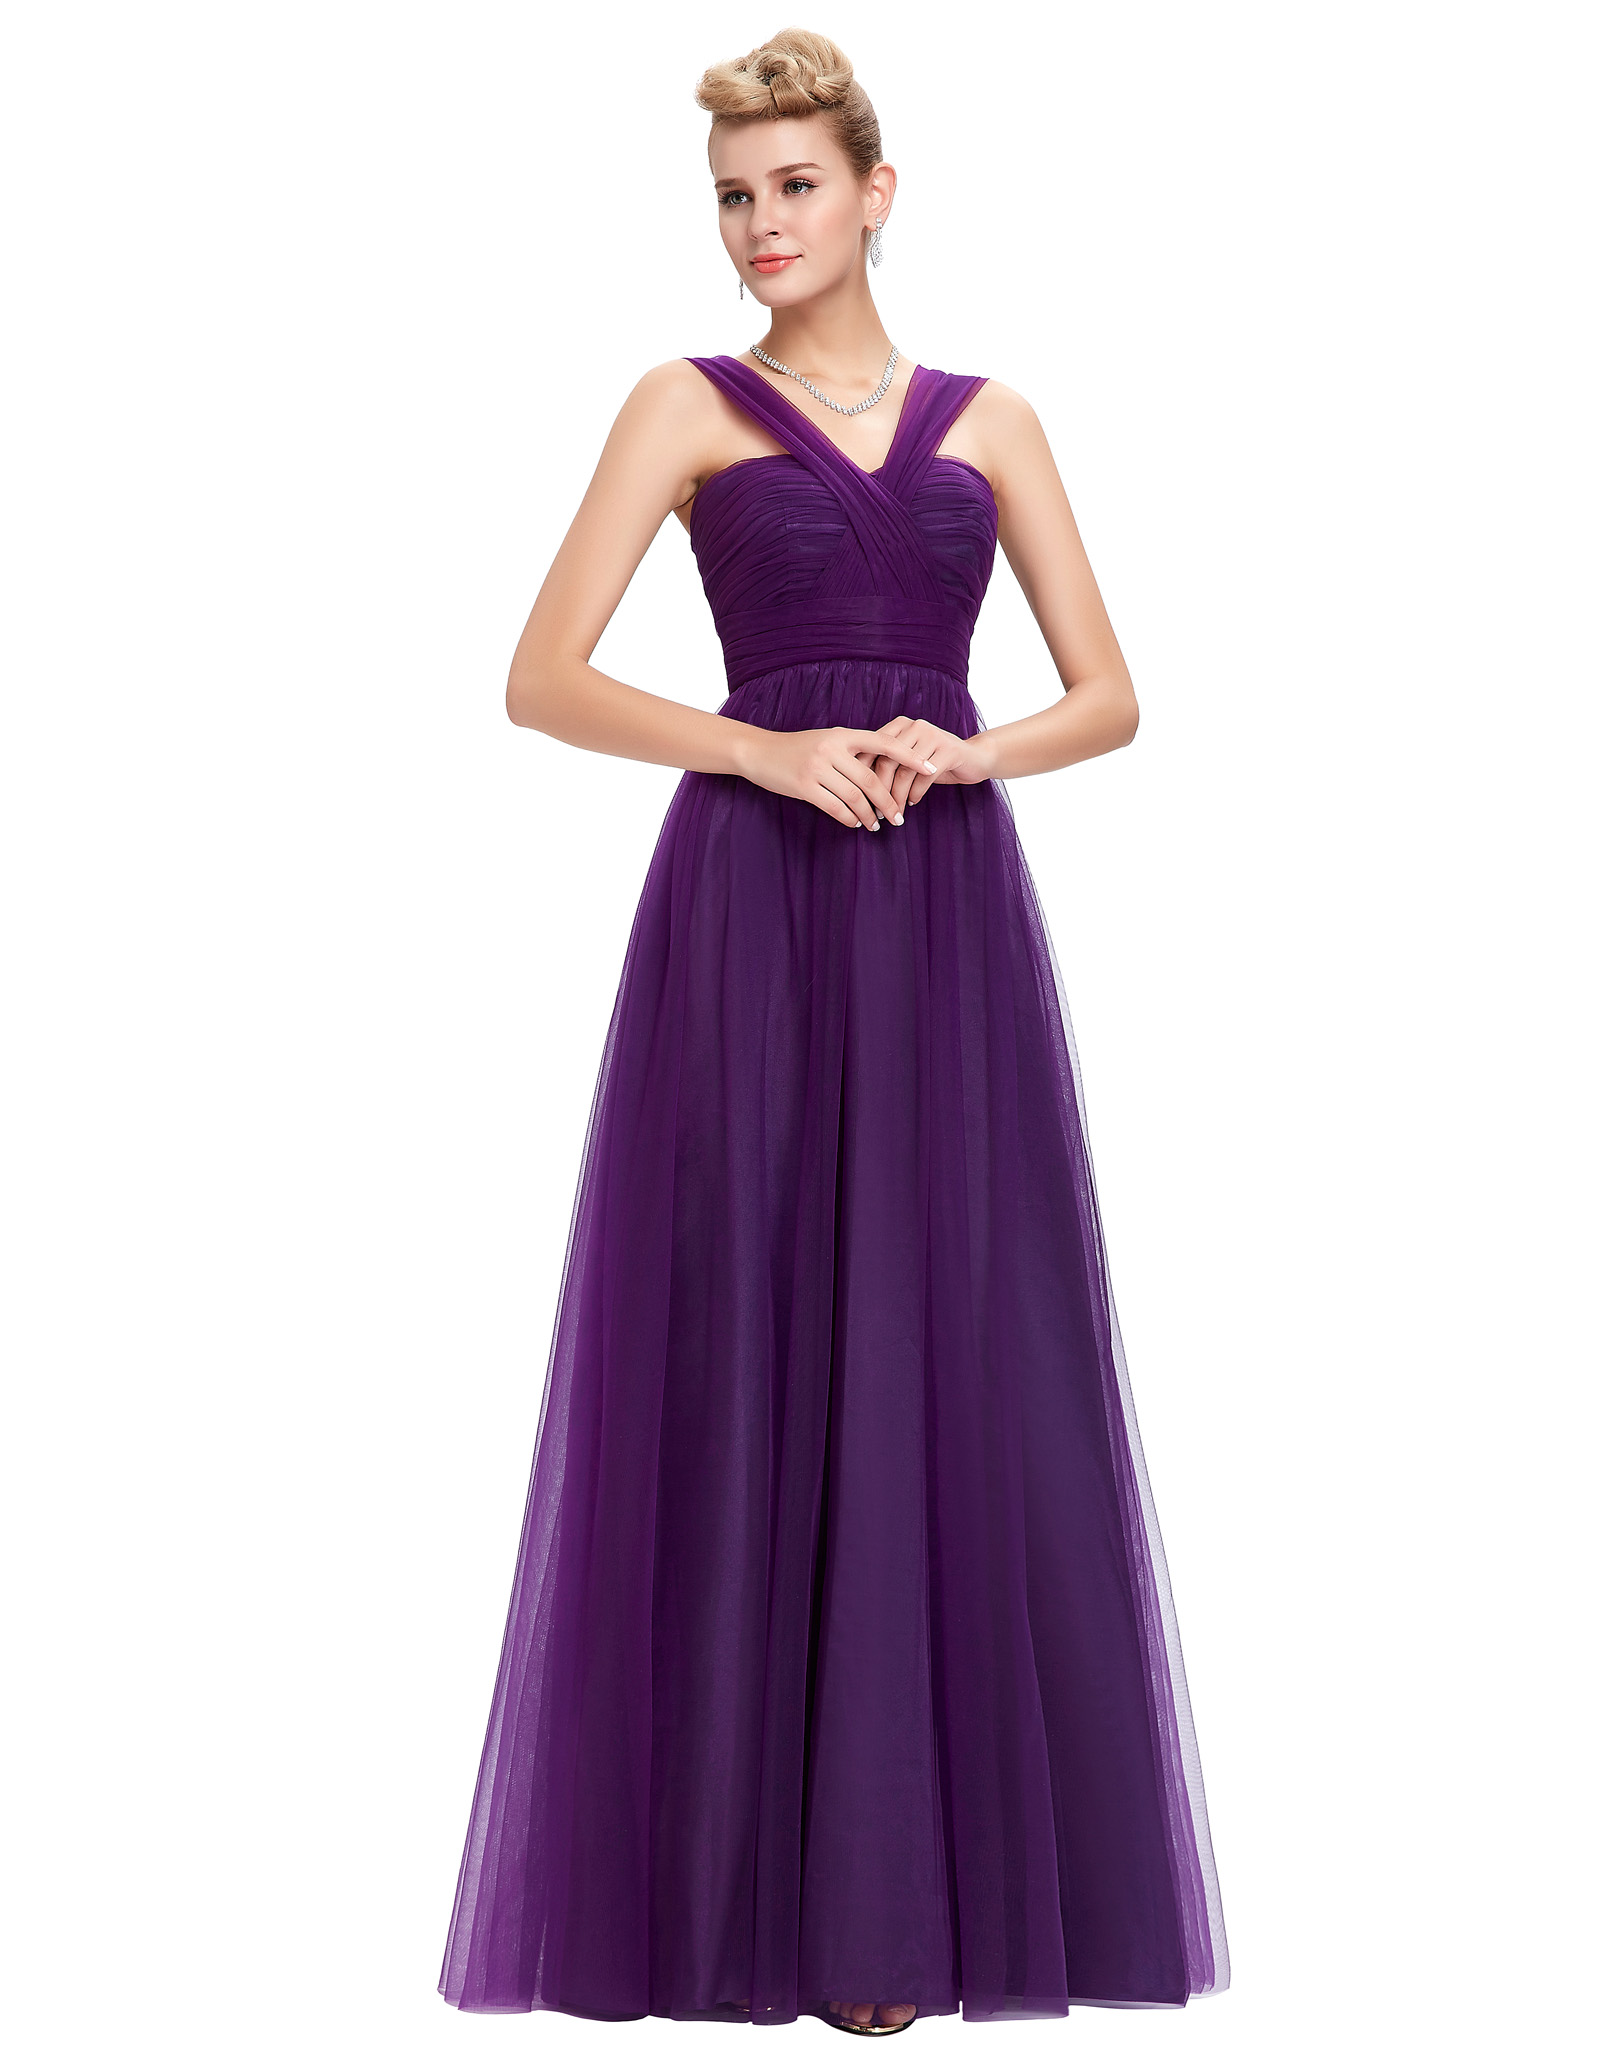 Violet Evening Dresses 94